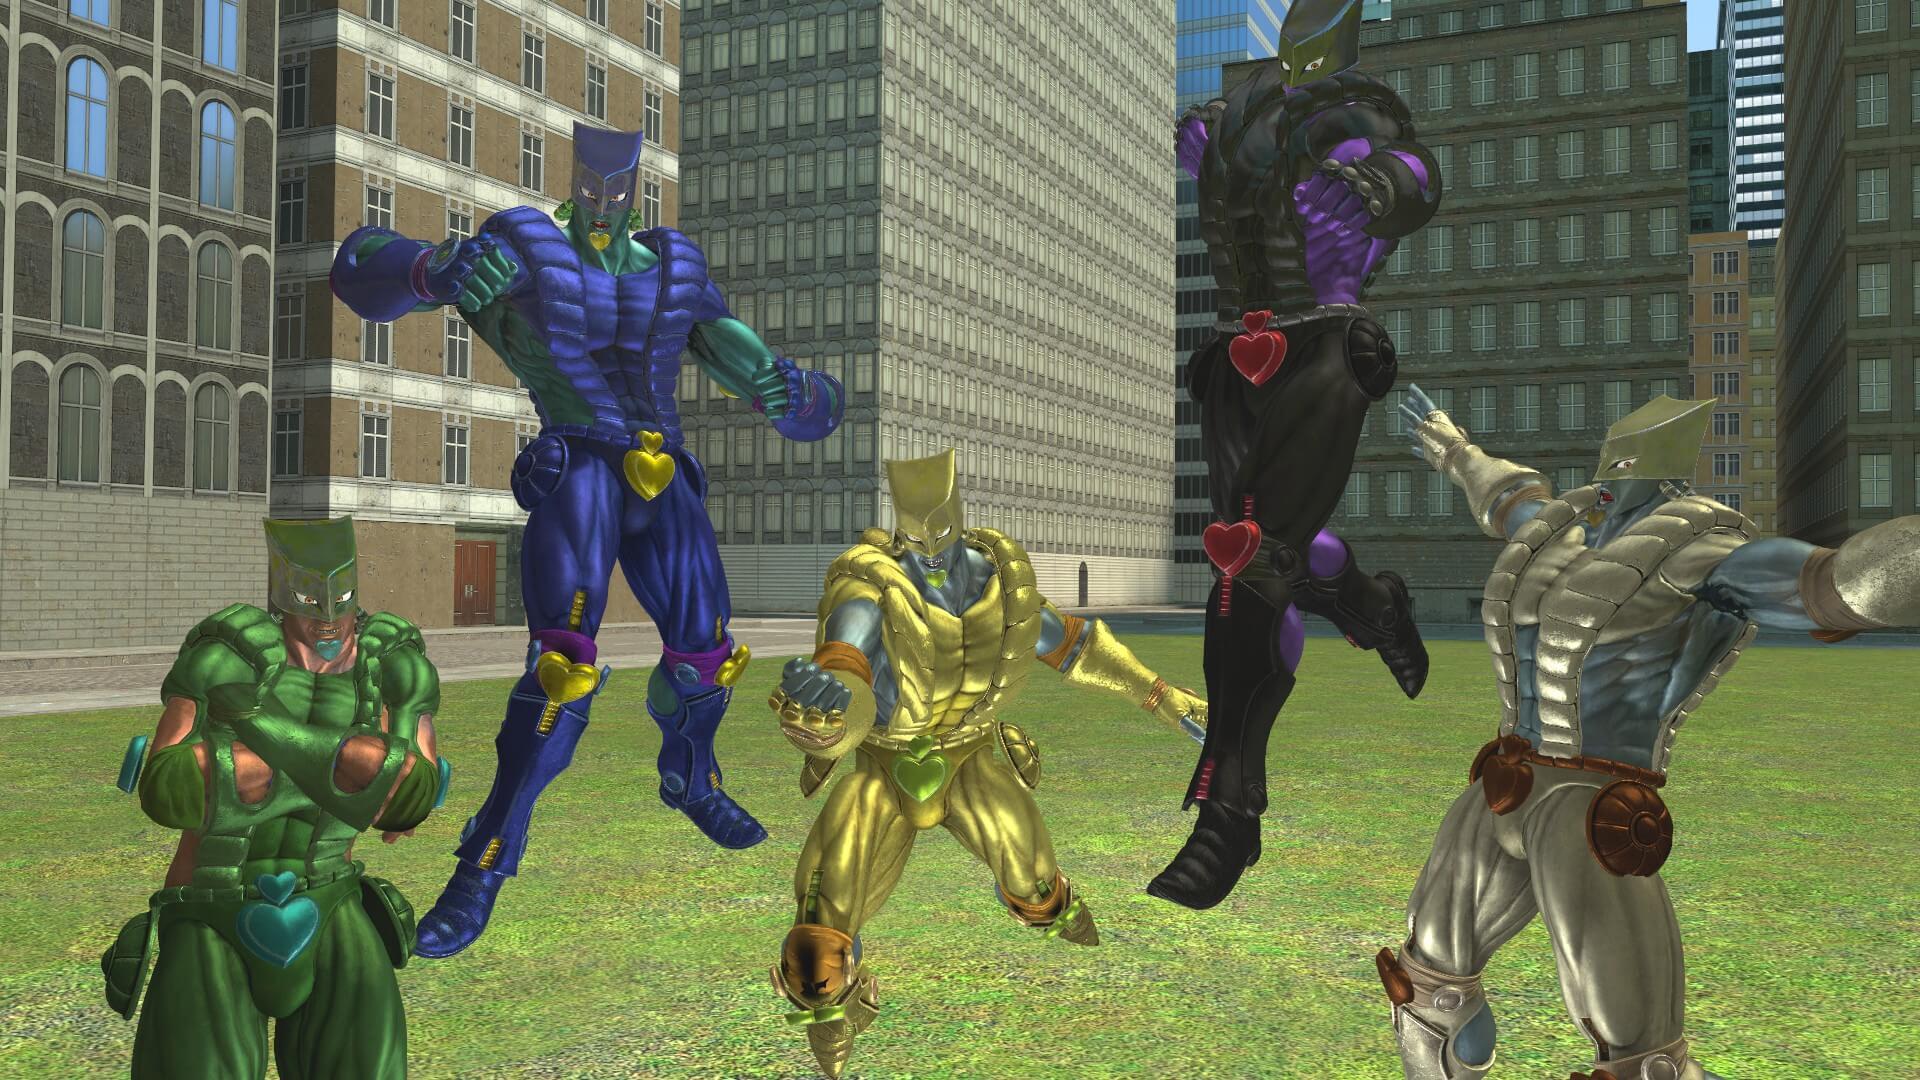 Garry's Mod - The World из Jump Force (модель для игрока)